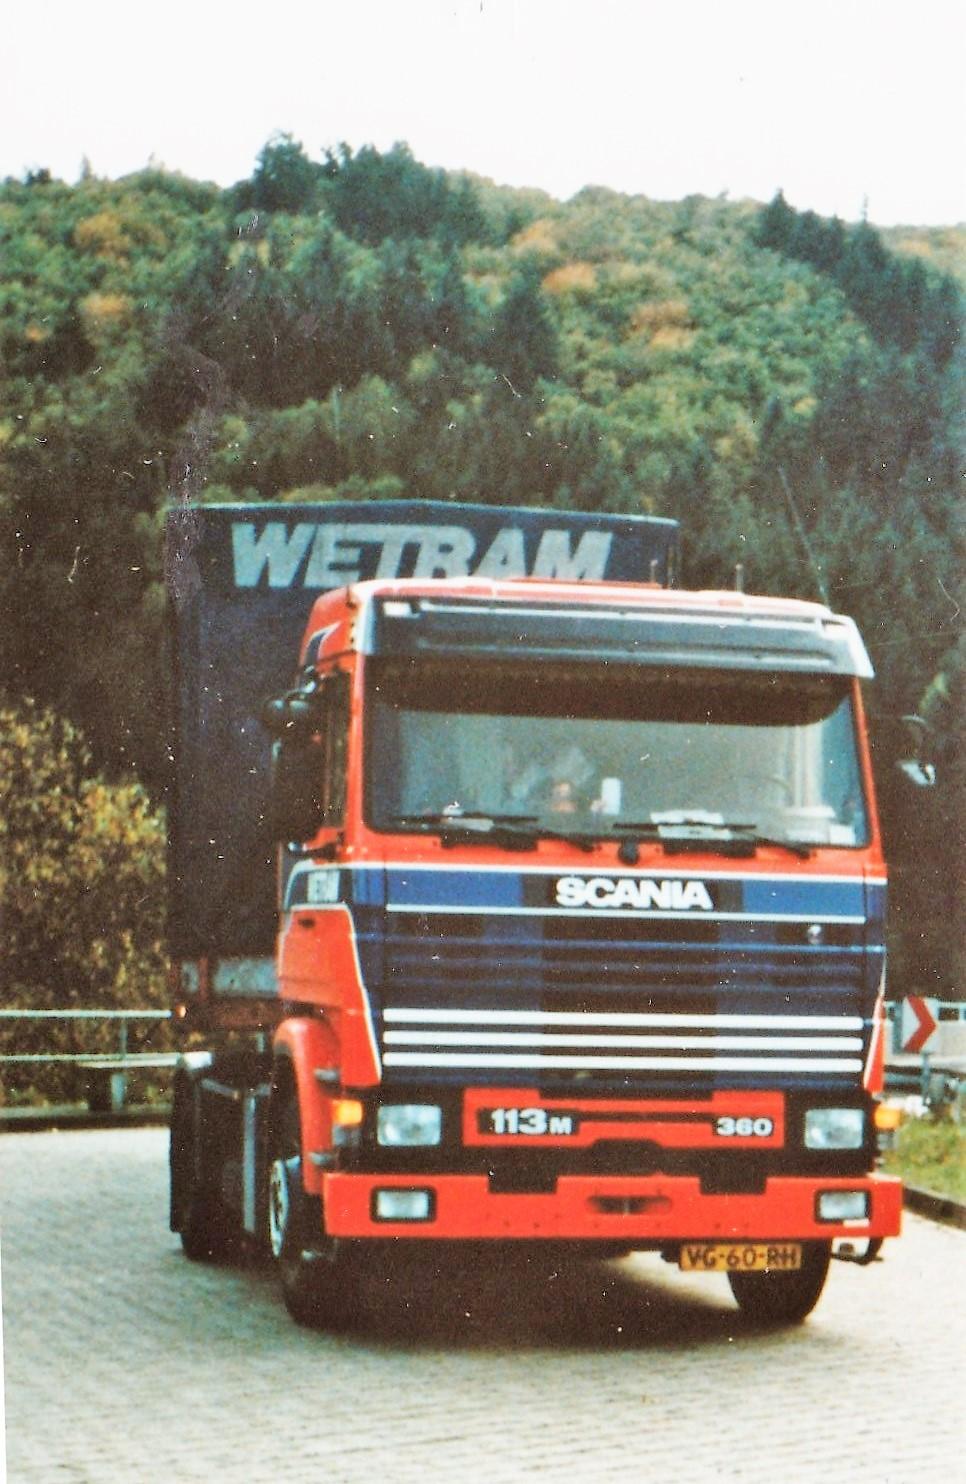 WETRAM-1980-90